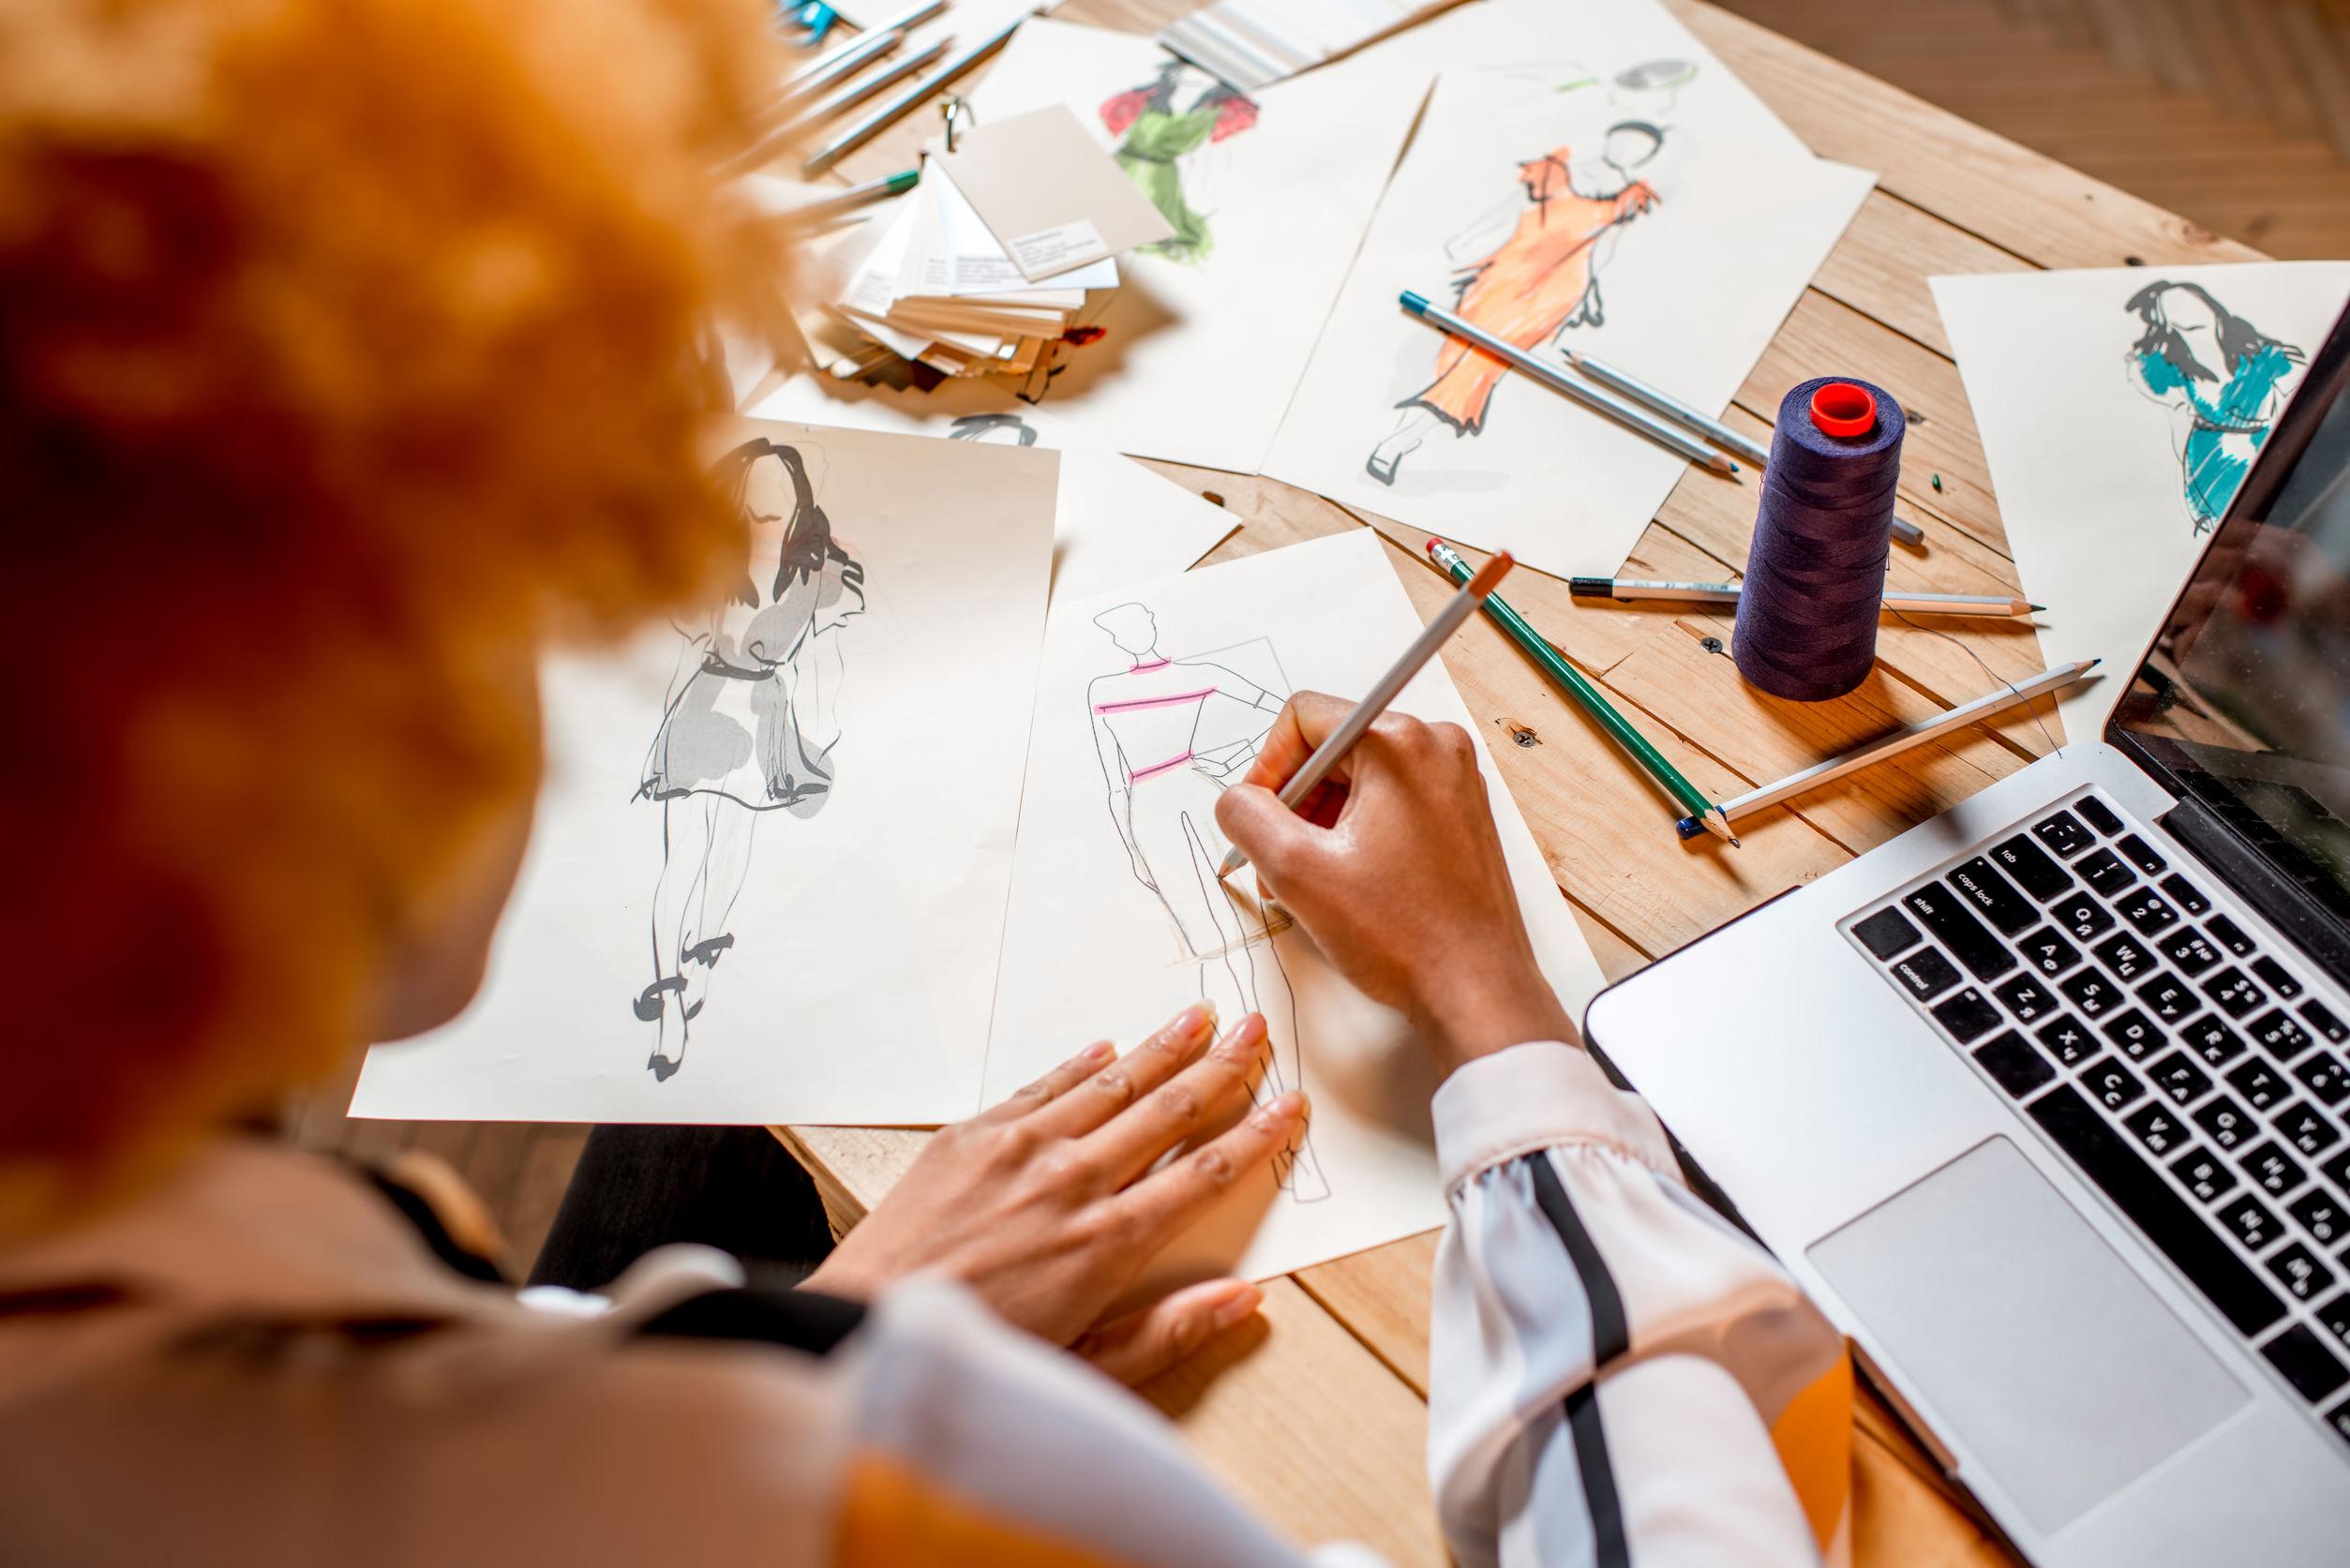 Diseñador de moda dibujando diseños de ropa en la mesa con un portátil y herramientas de confección